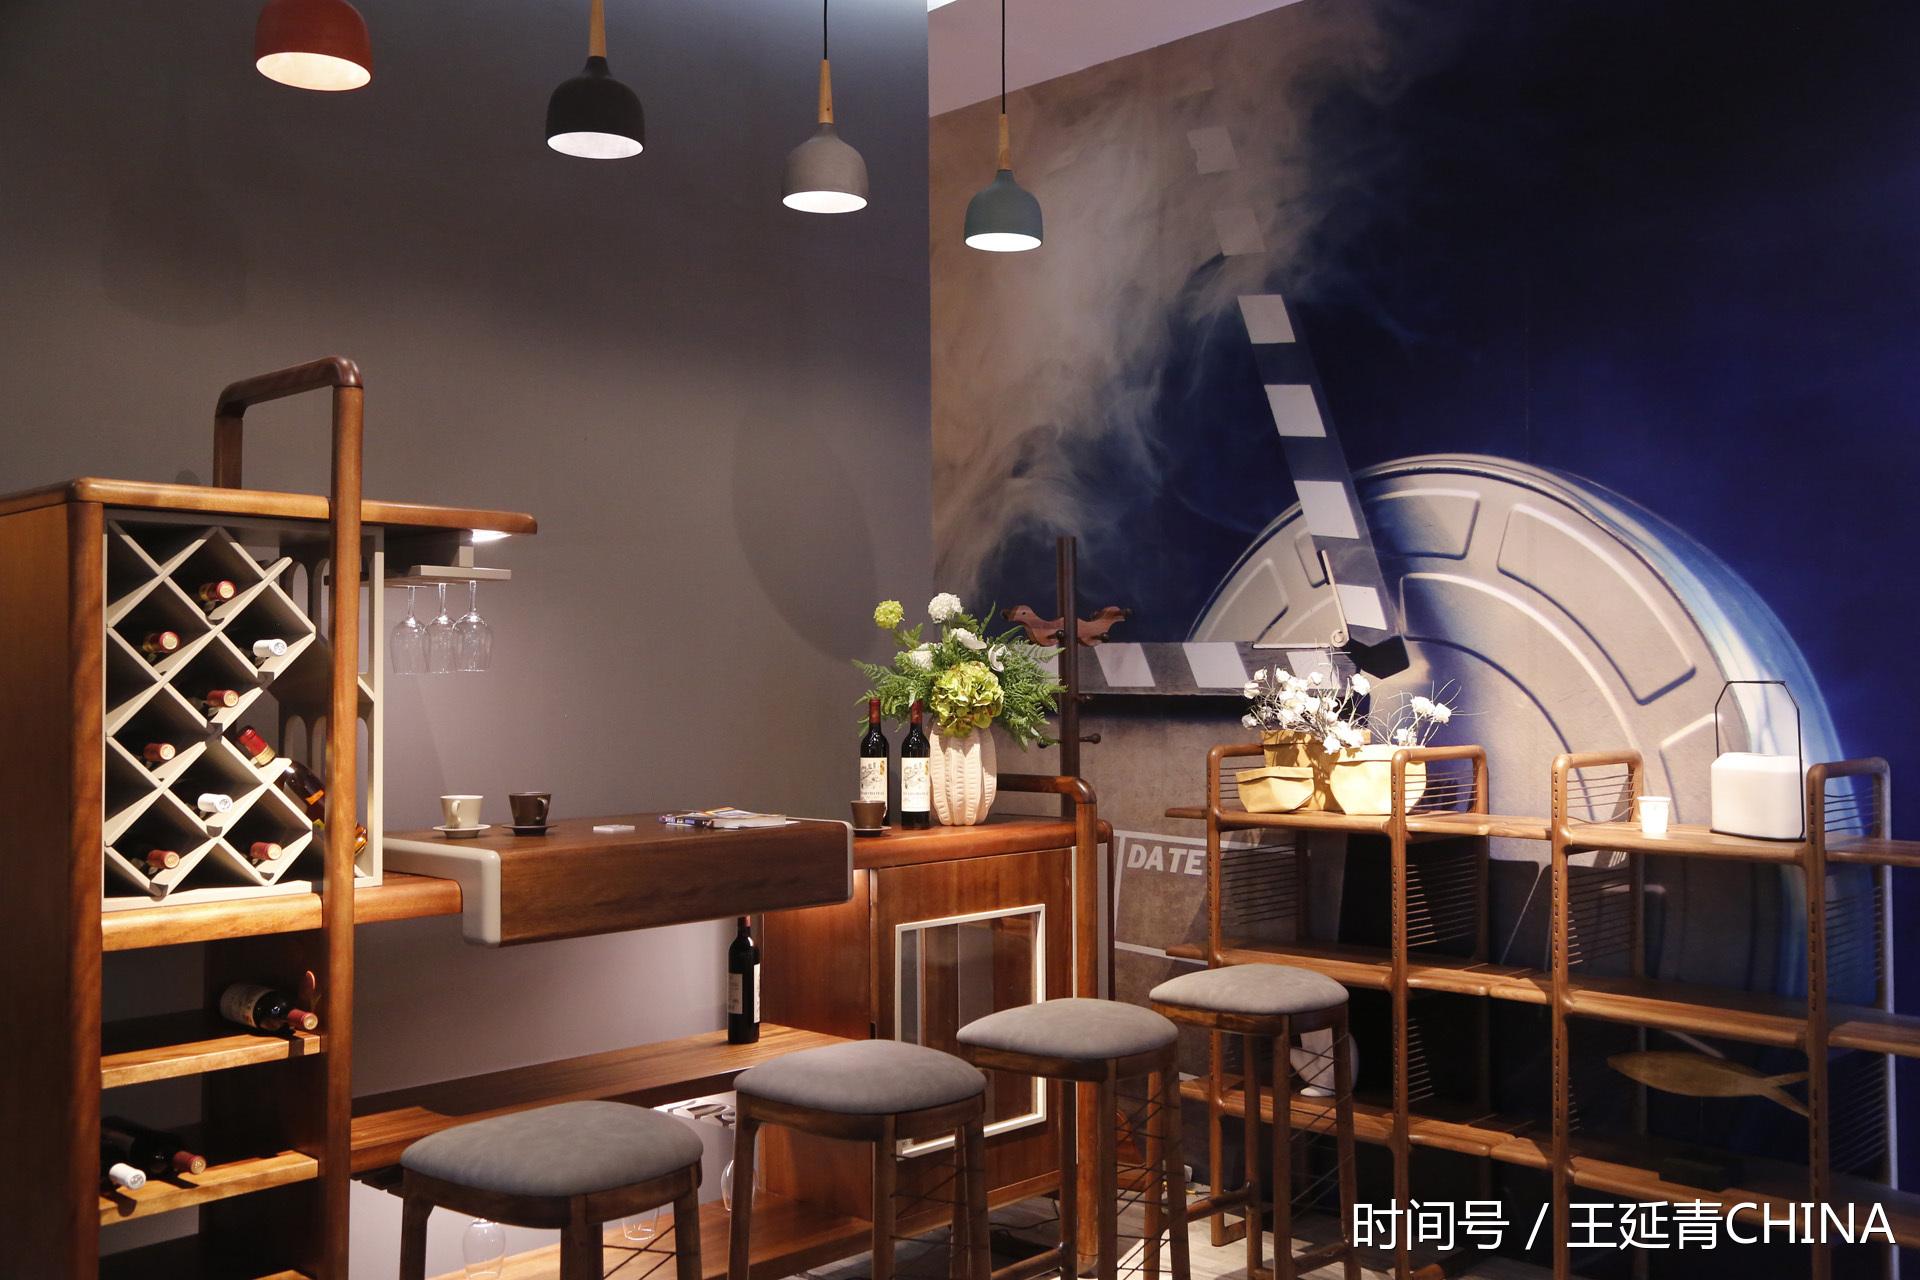 乐虎国际娱乐在线同时在现代空间中结合建筑风格的特点